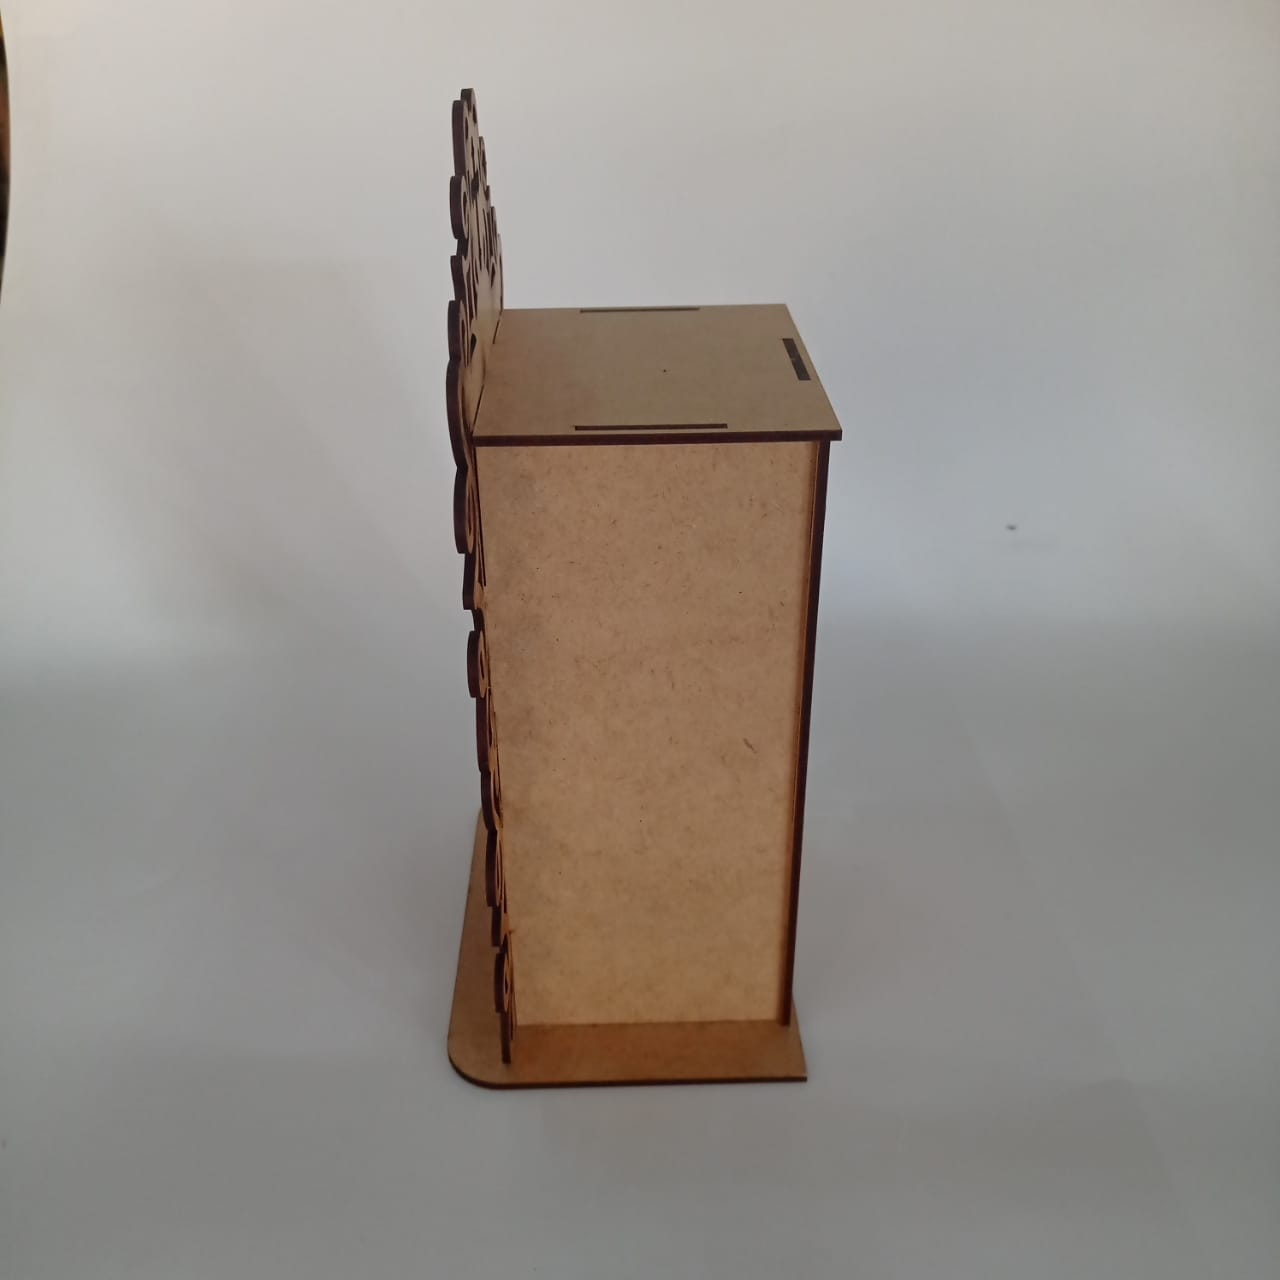 Oratório em MDF - Pequeno - 19x11x8cm